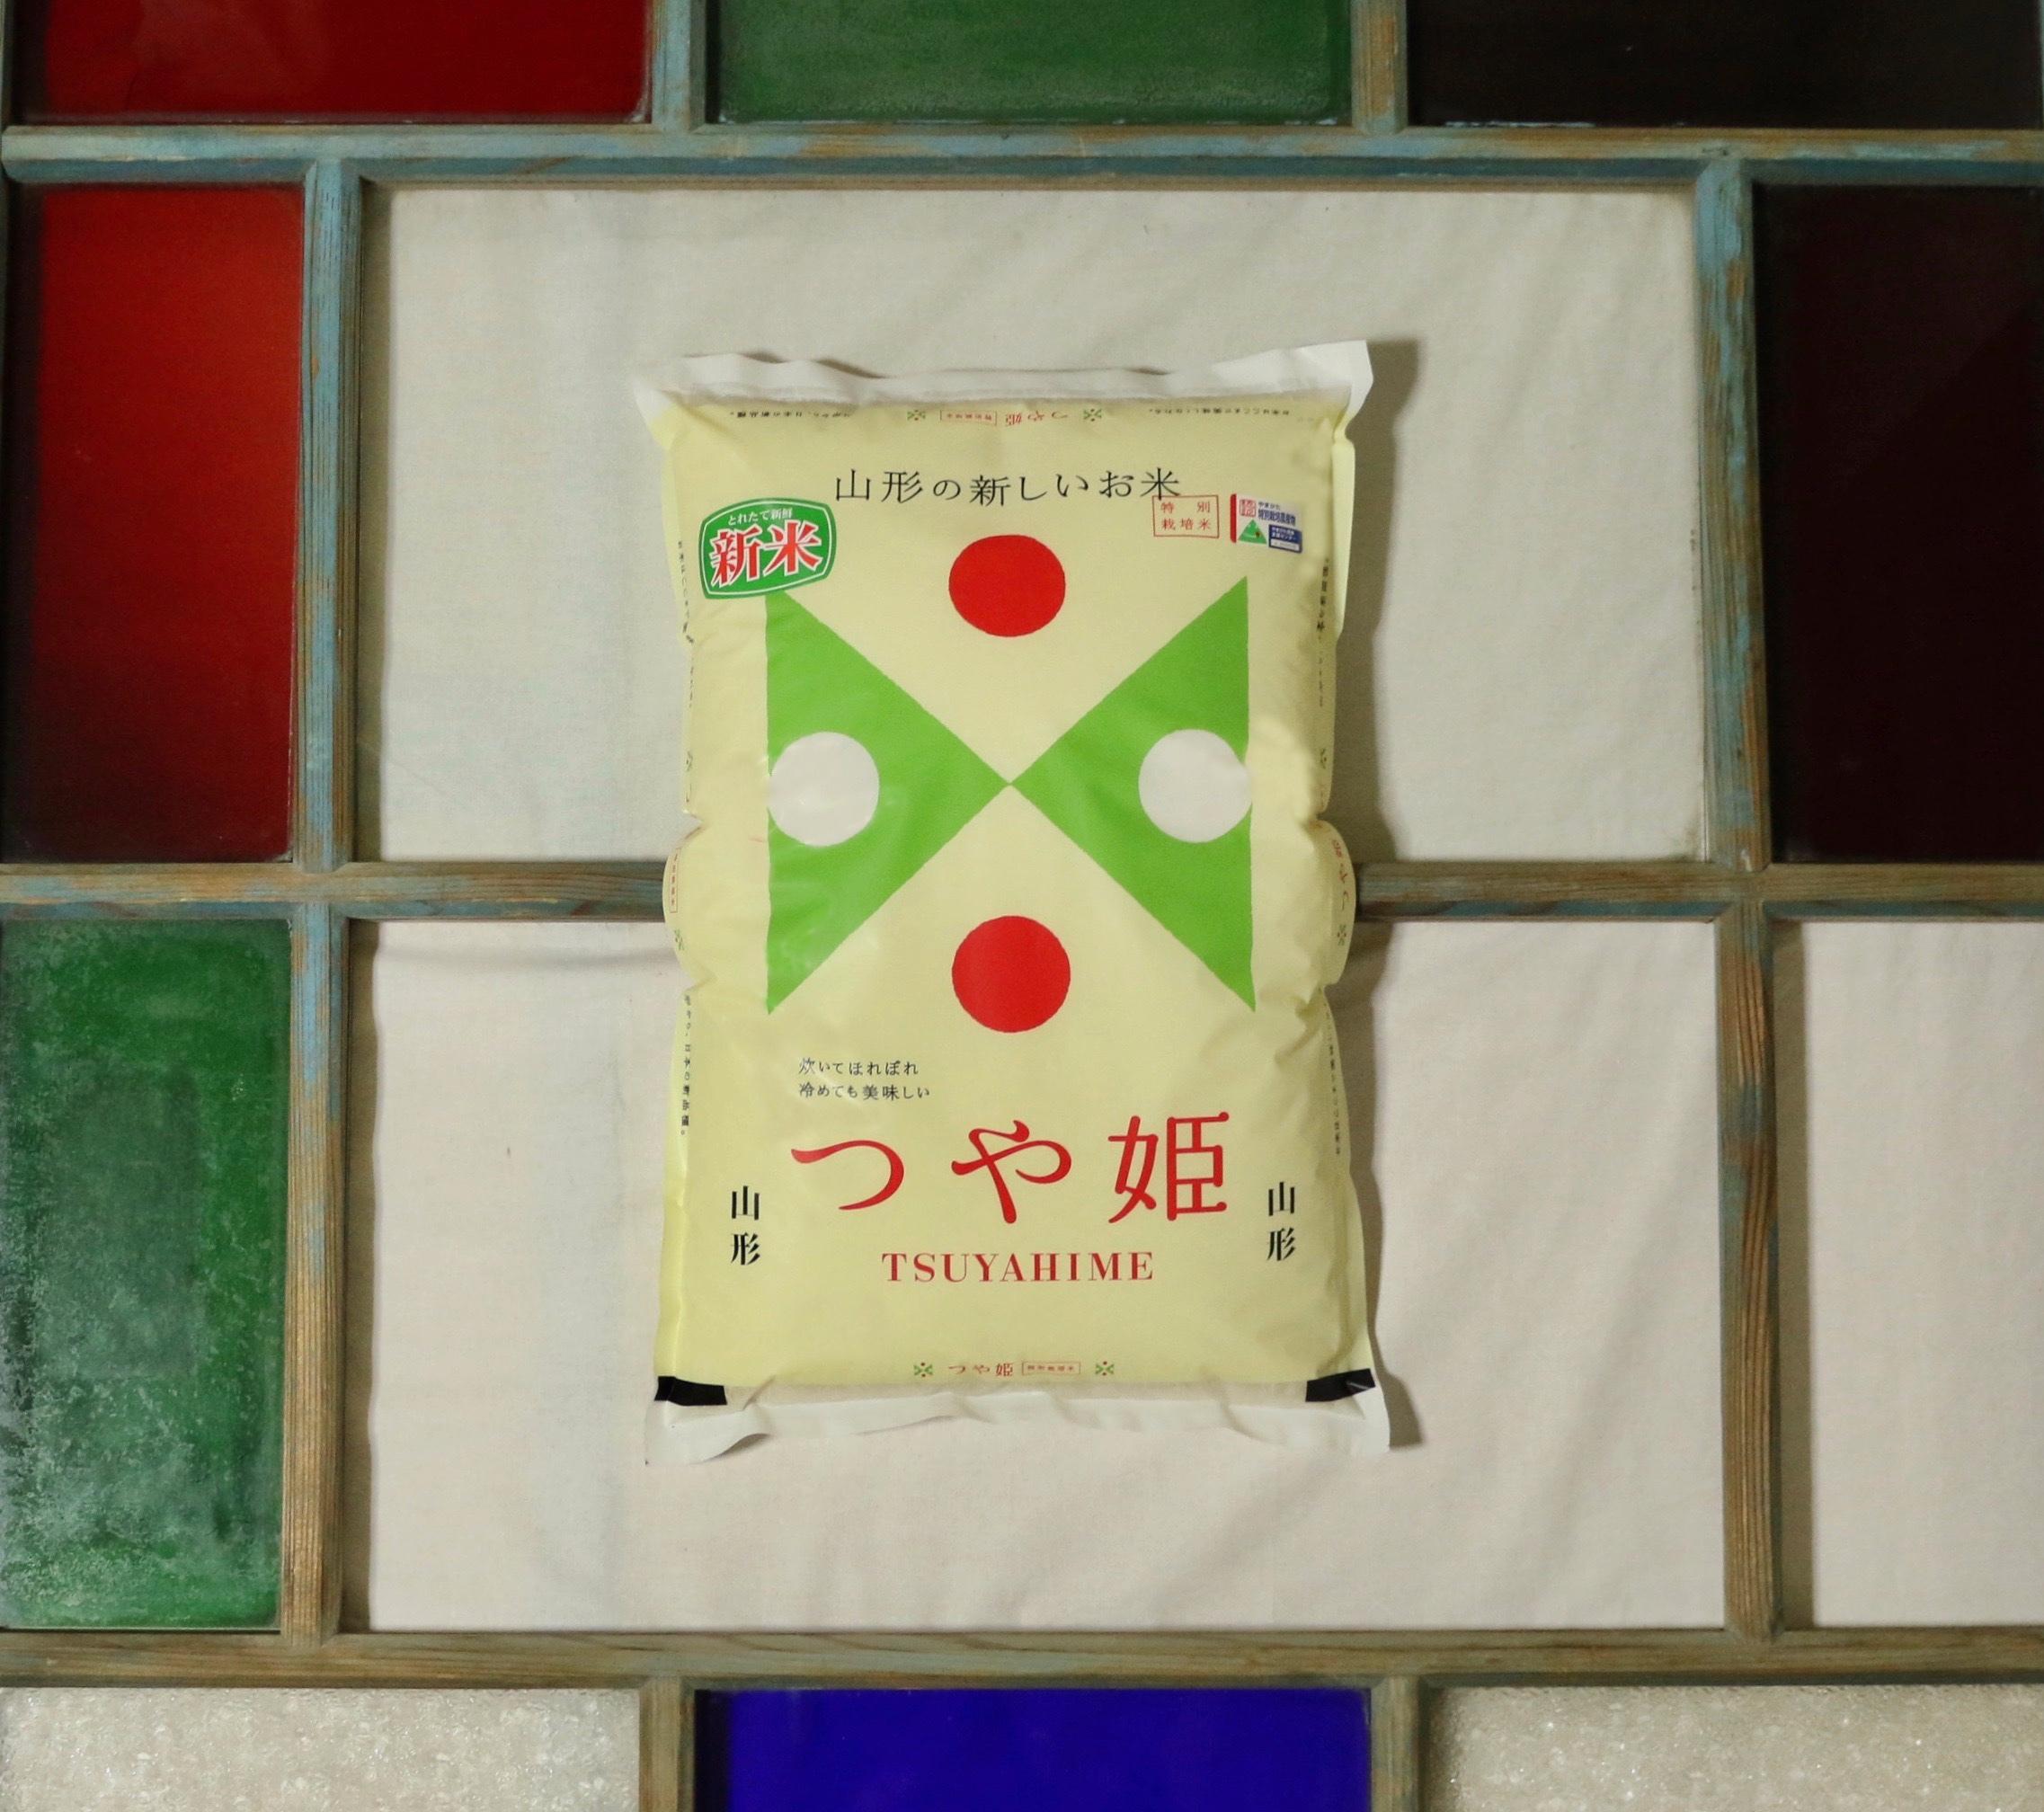 【精米したてをお届け!】つや姫20kg(5kg×4袋) 化学肥料ゼロ 工藤さんの藤島型特別栽培米 山形産